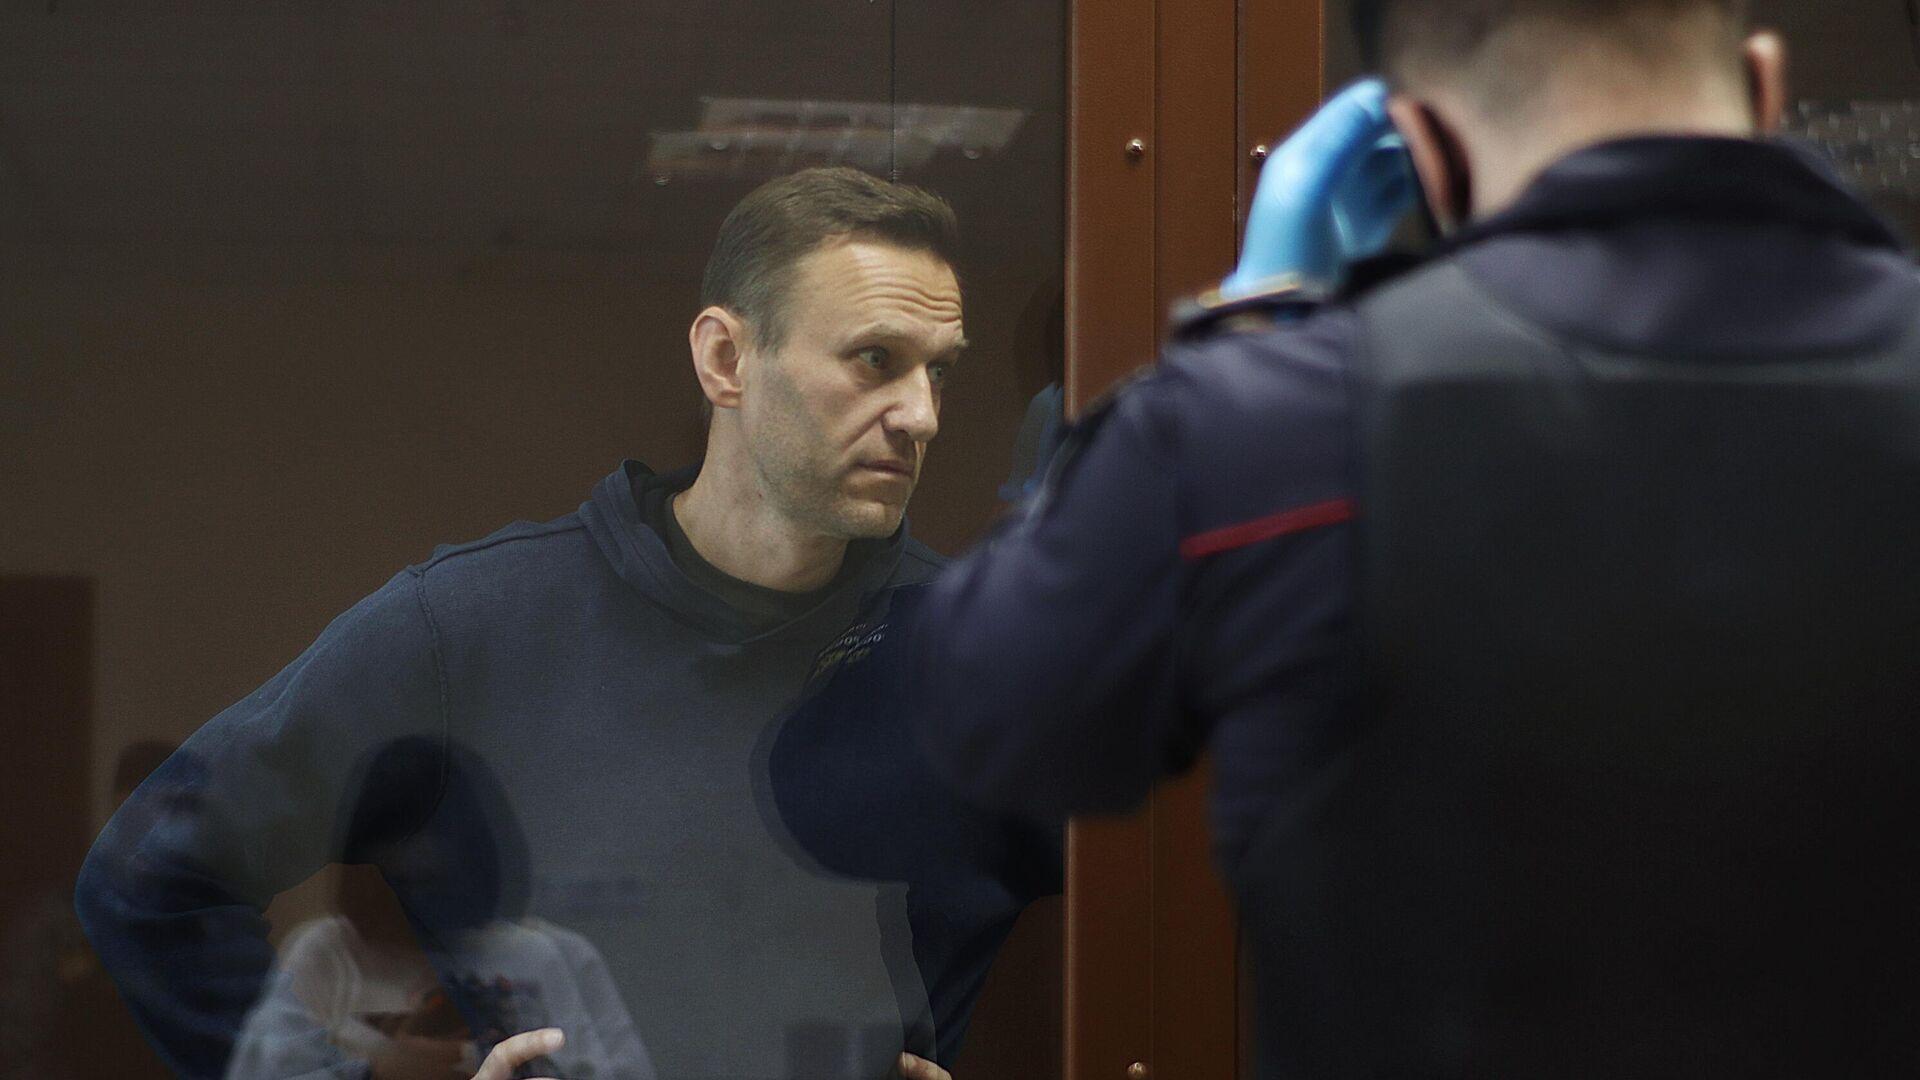 Алексей Навальный в зале Бабушкинского районного суда, где идет заседание по делу о клевете в отношении ветерана Великой Отечественной войны Игната Артеменко - РИА Новости, 1920, 05.02.2021